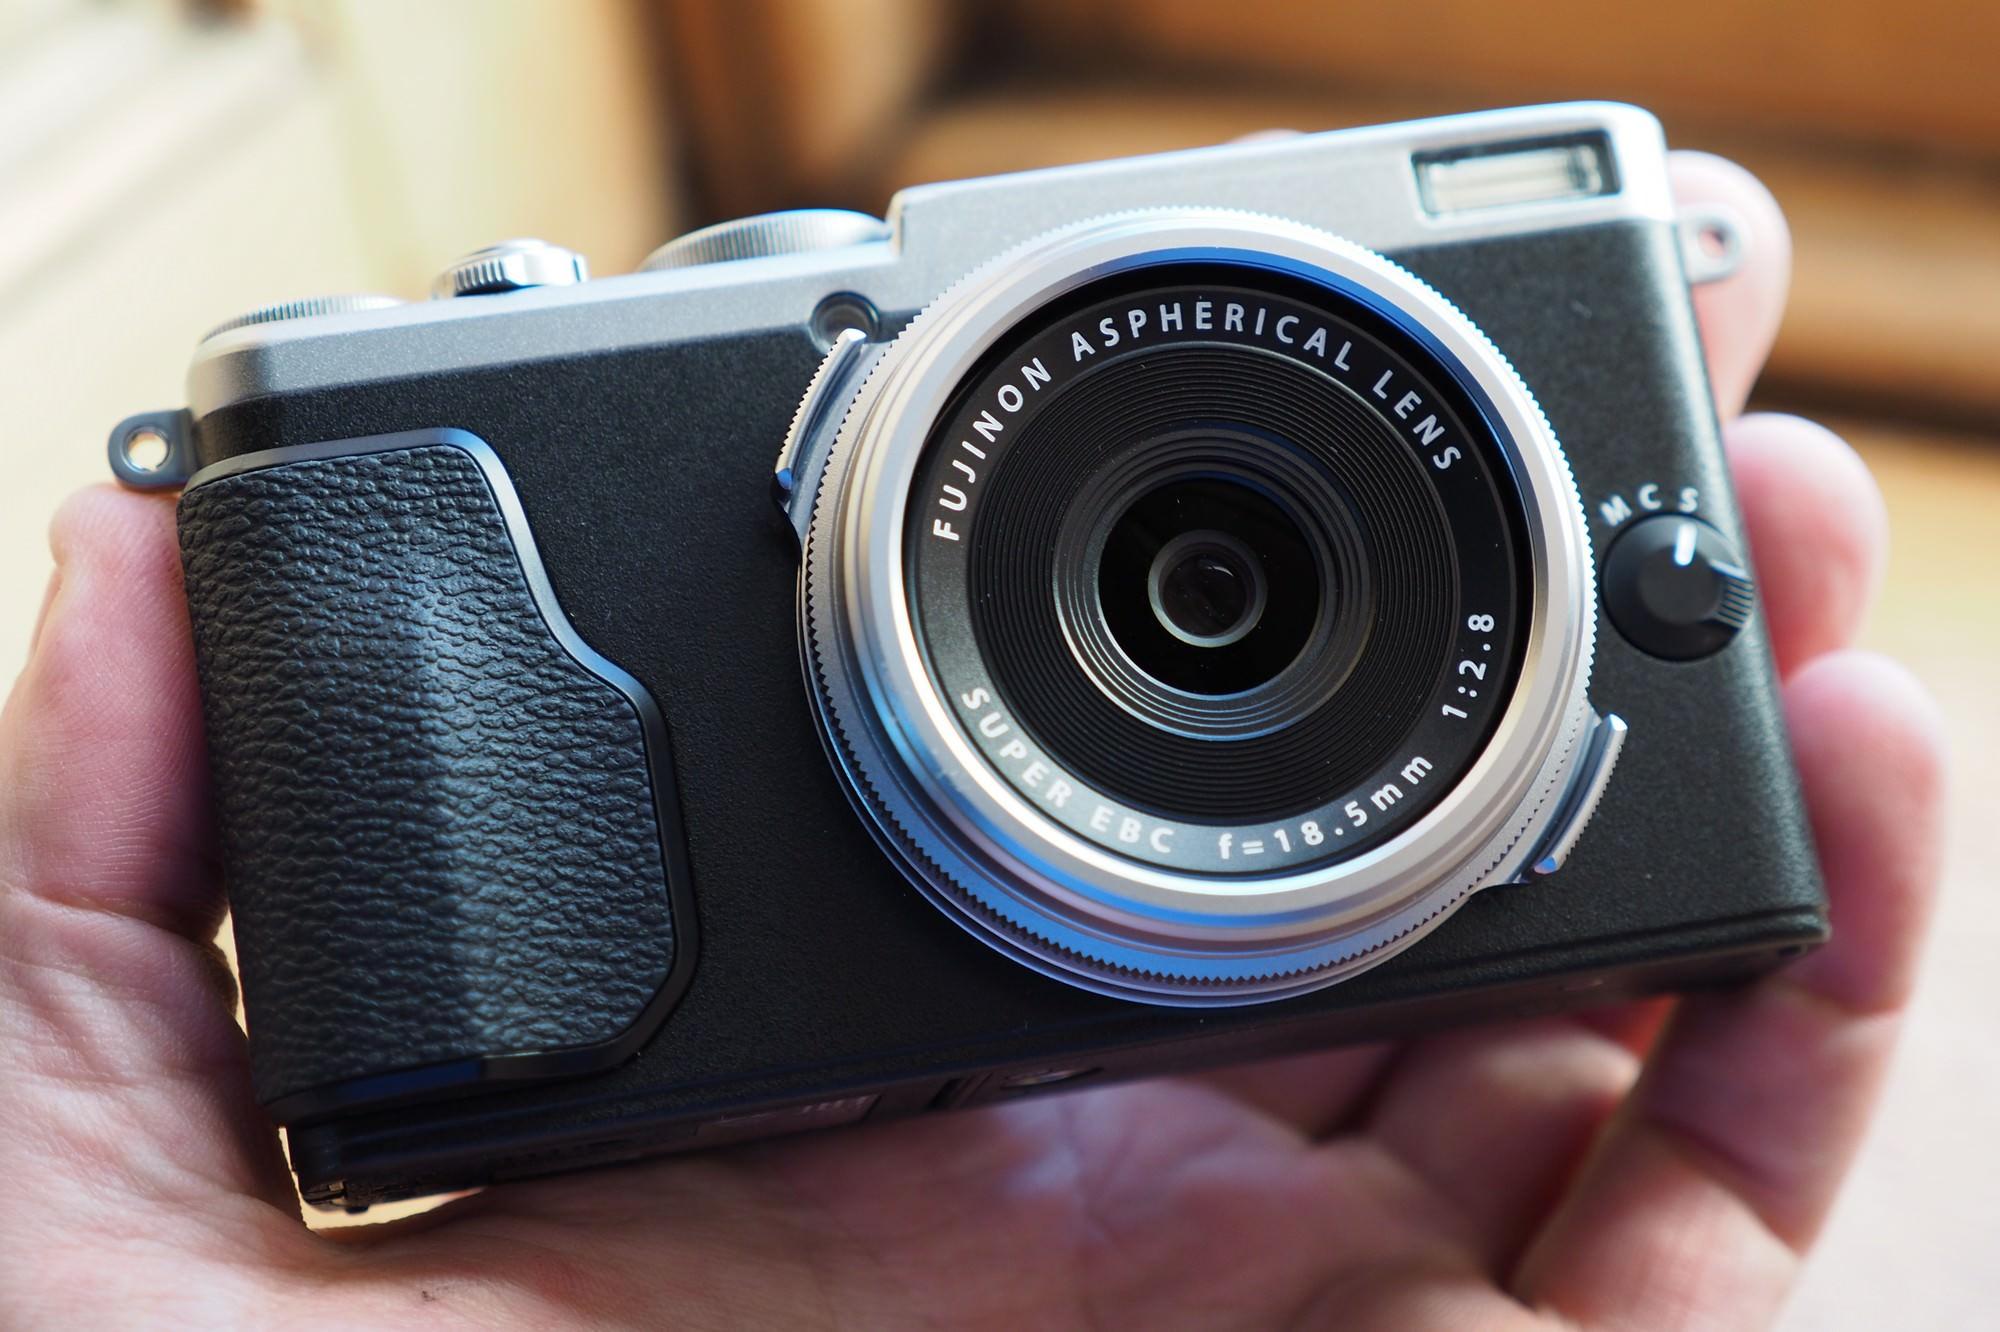 Fujifilm X70 Camera Driver for Windows Download